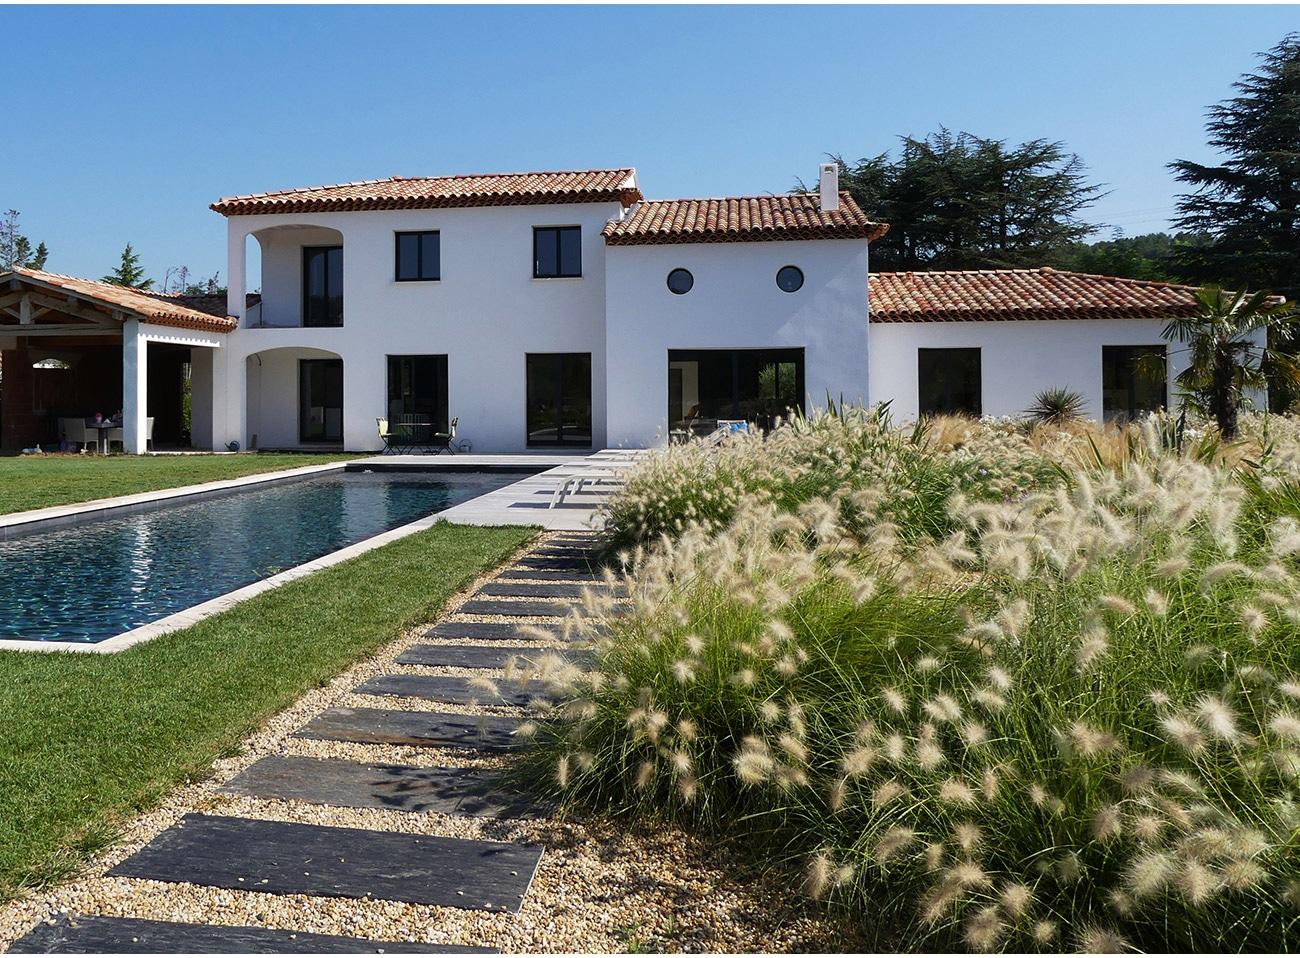 Atelier Naudier - Architecte paysagiste concepteur - Montpellier & Aix-en-Provence - JARDIN MÉDITERRANÉEN FLEURI - Aménagement jardin